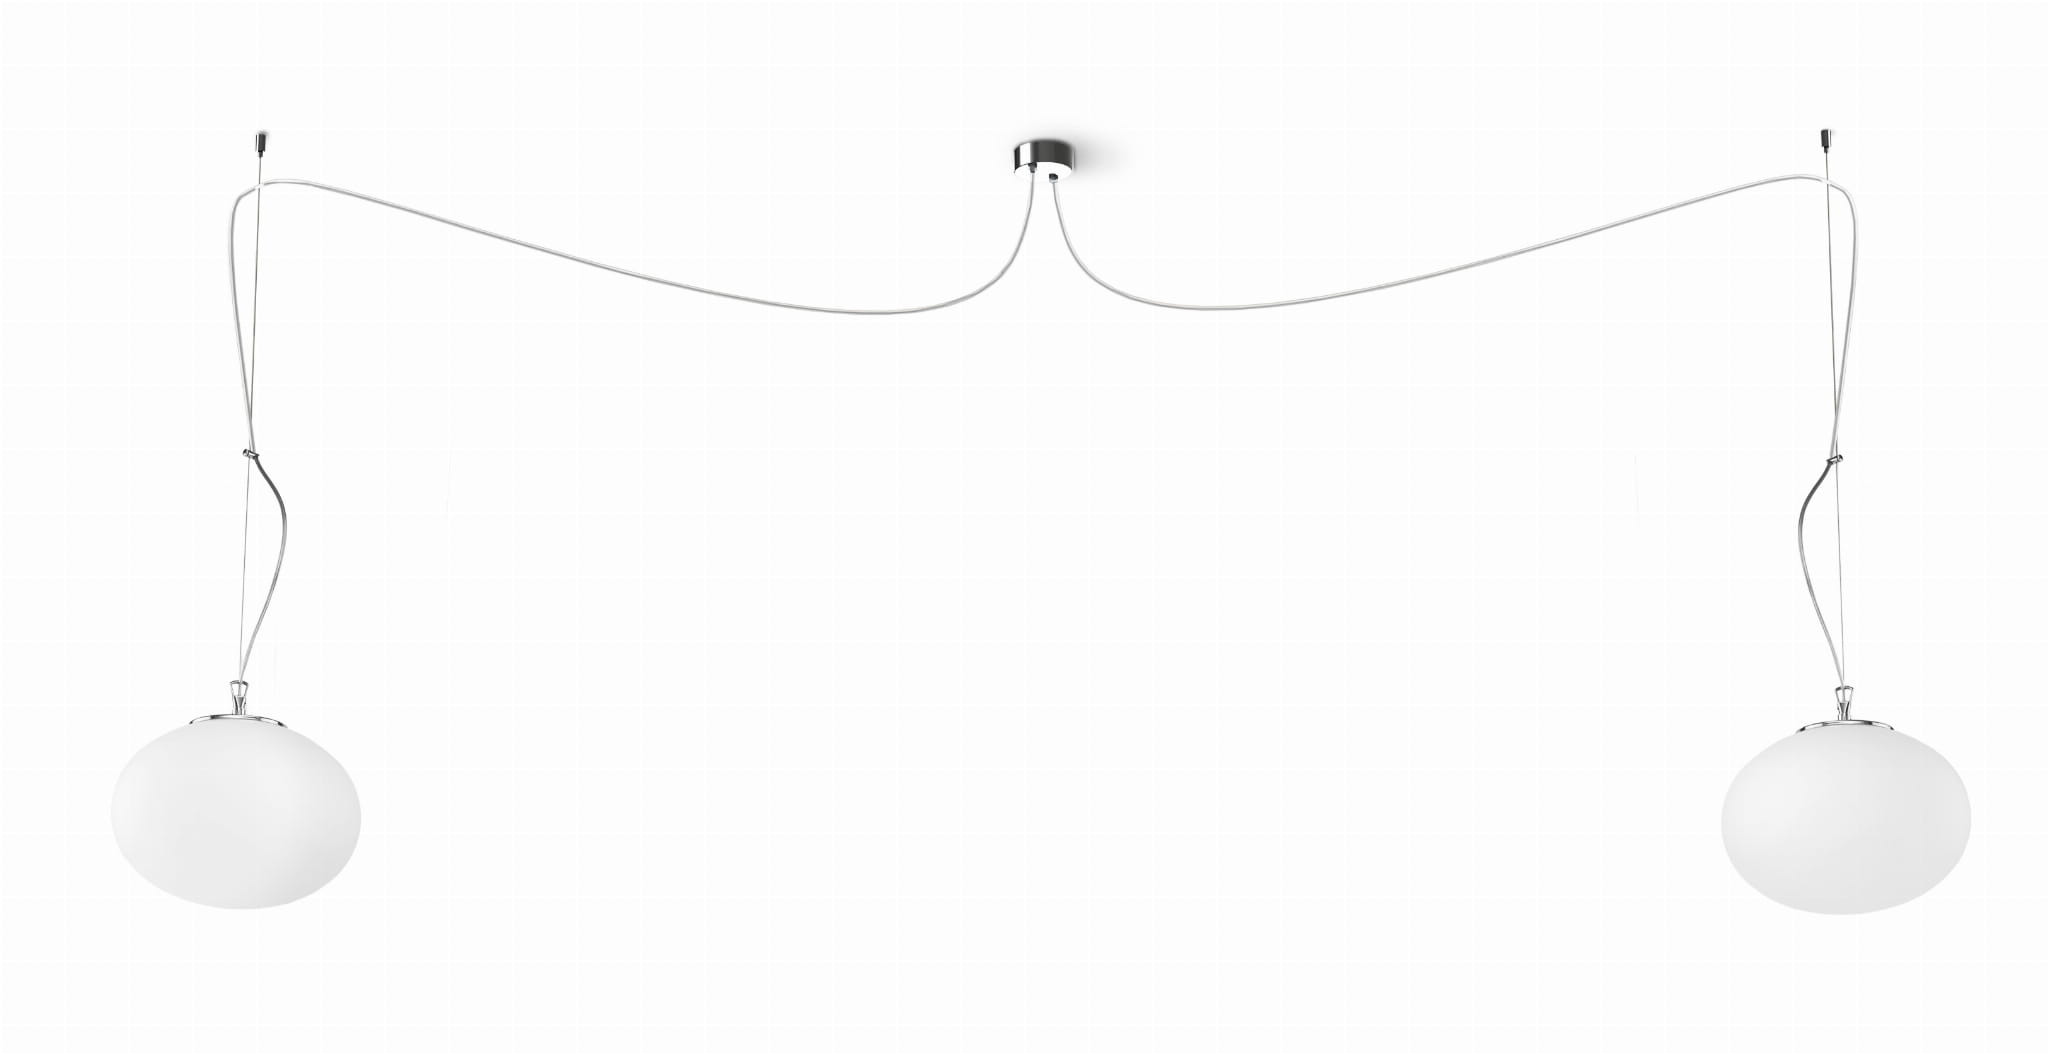 Lampa wisząca NUAGE II 9272 Nowodvorski Lighting